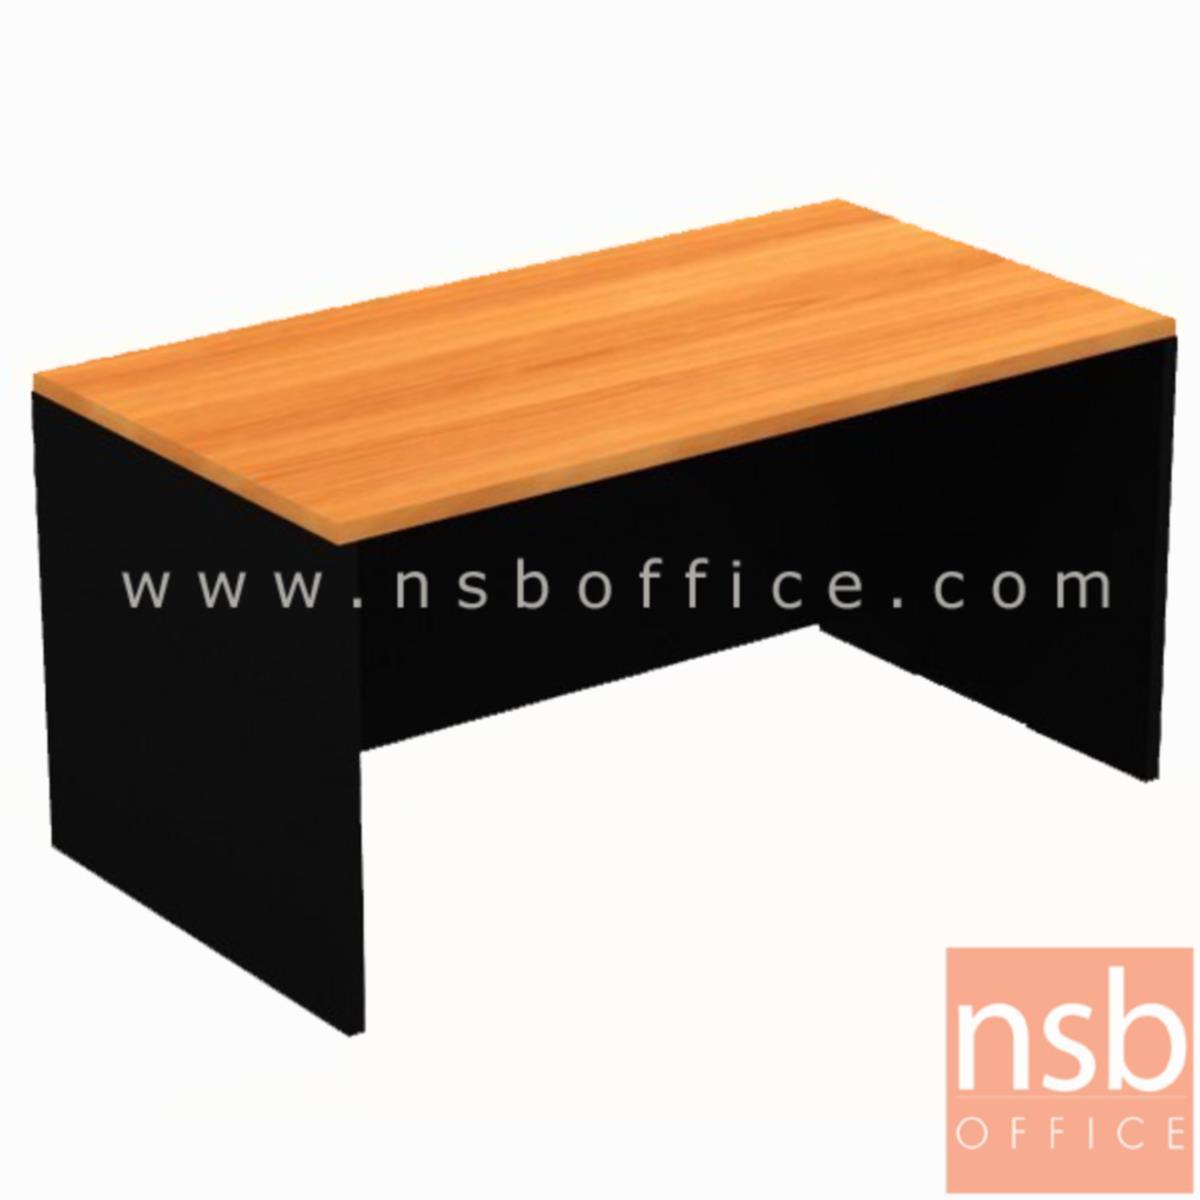 โต๊ะทำงานโล่ง  รุ่น Mayweather ขนาด 150W cm. เมลามีน สีเชอร์รี่ดำ